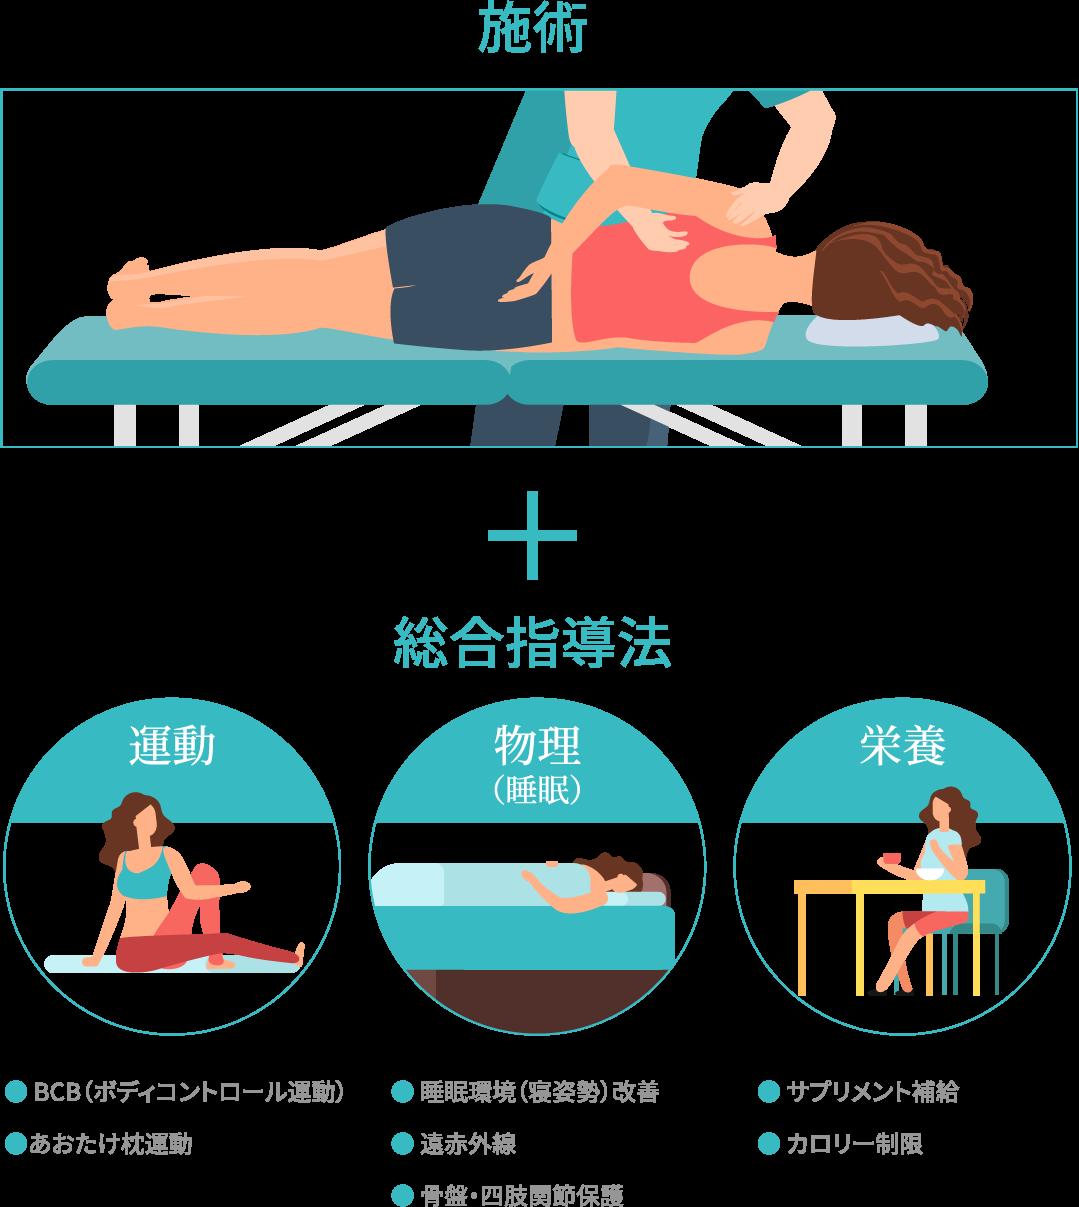 施術+総合指導法(運動・物理・栄養)